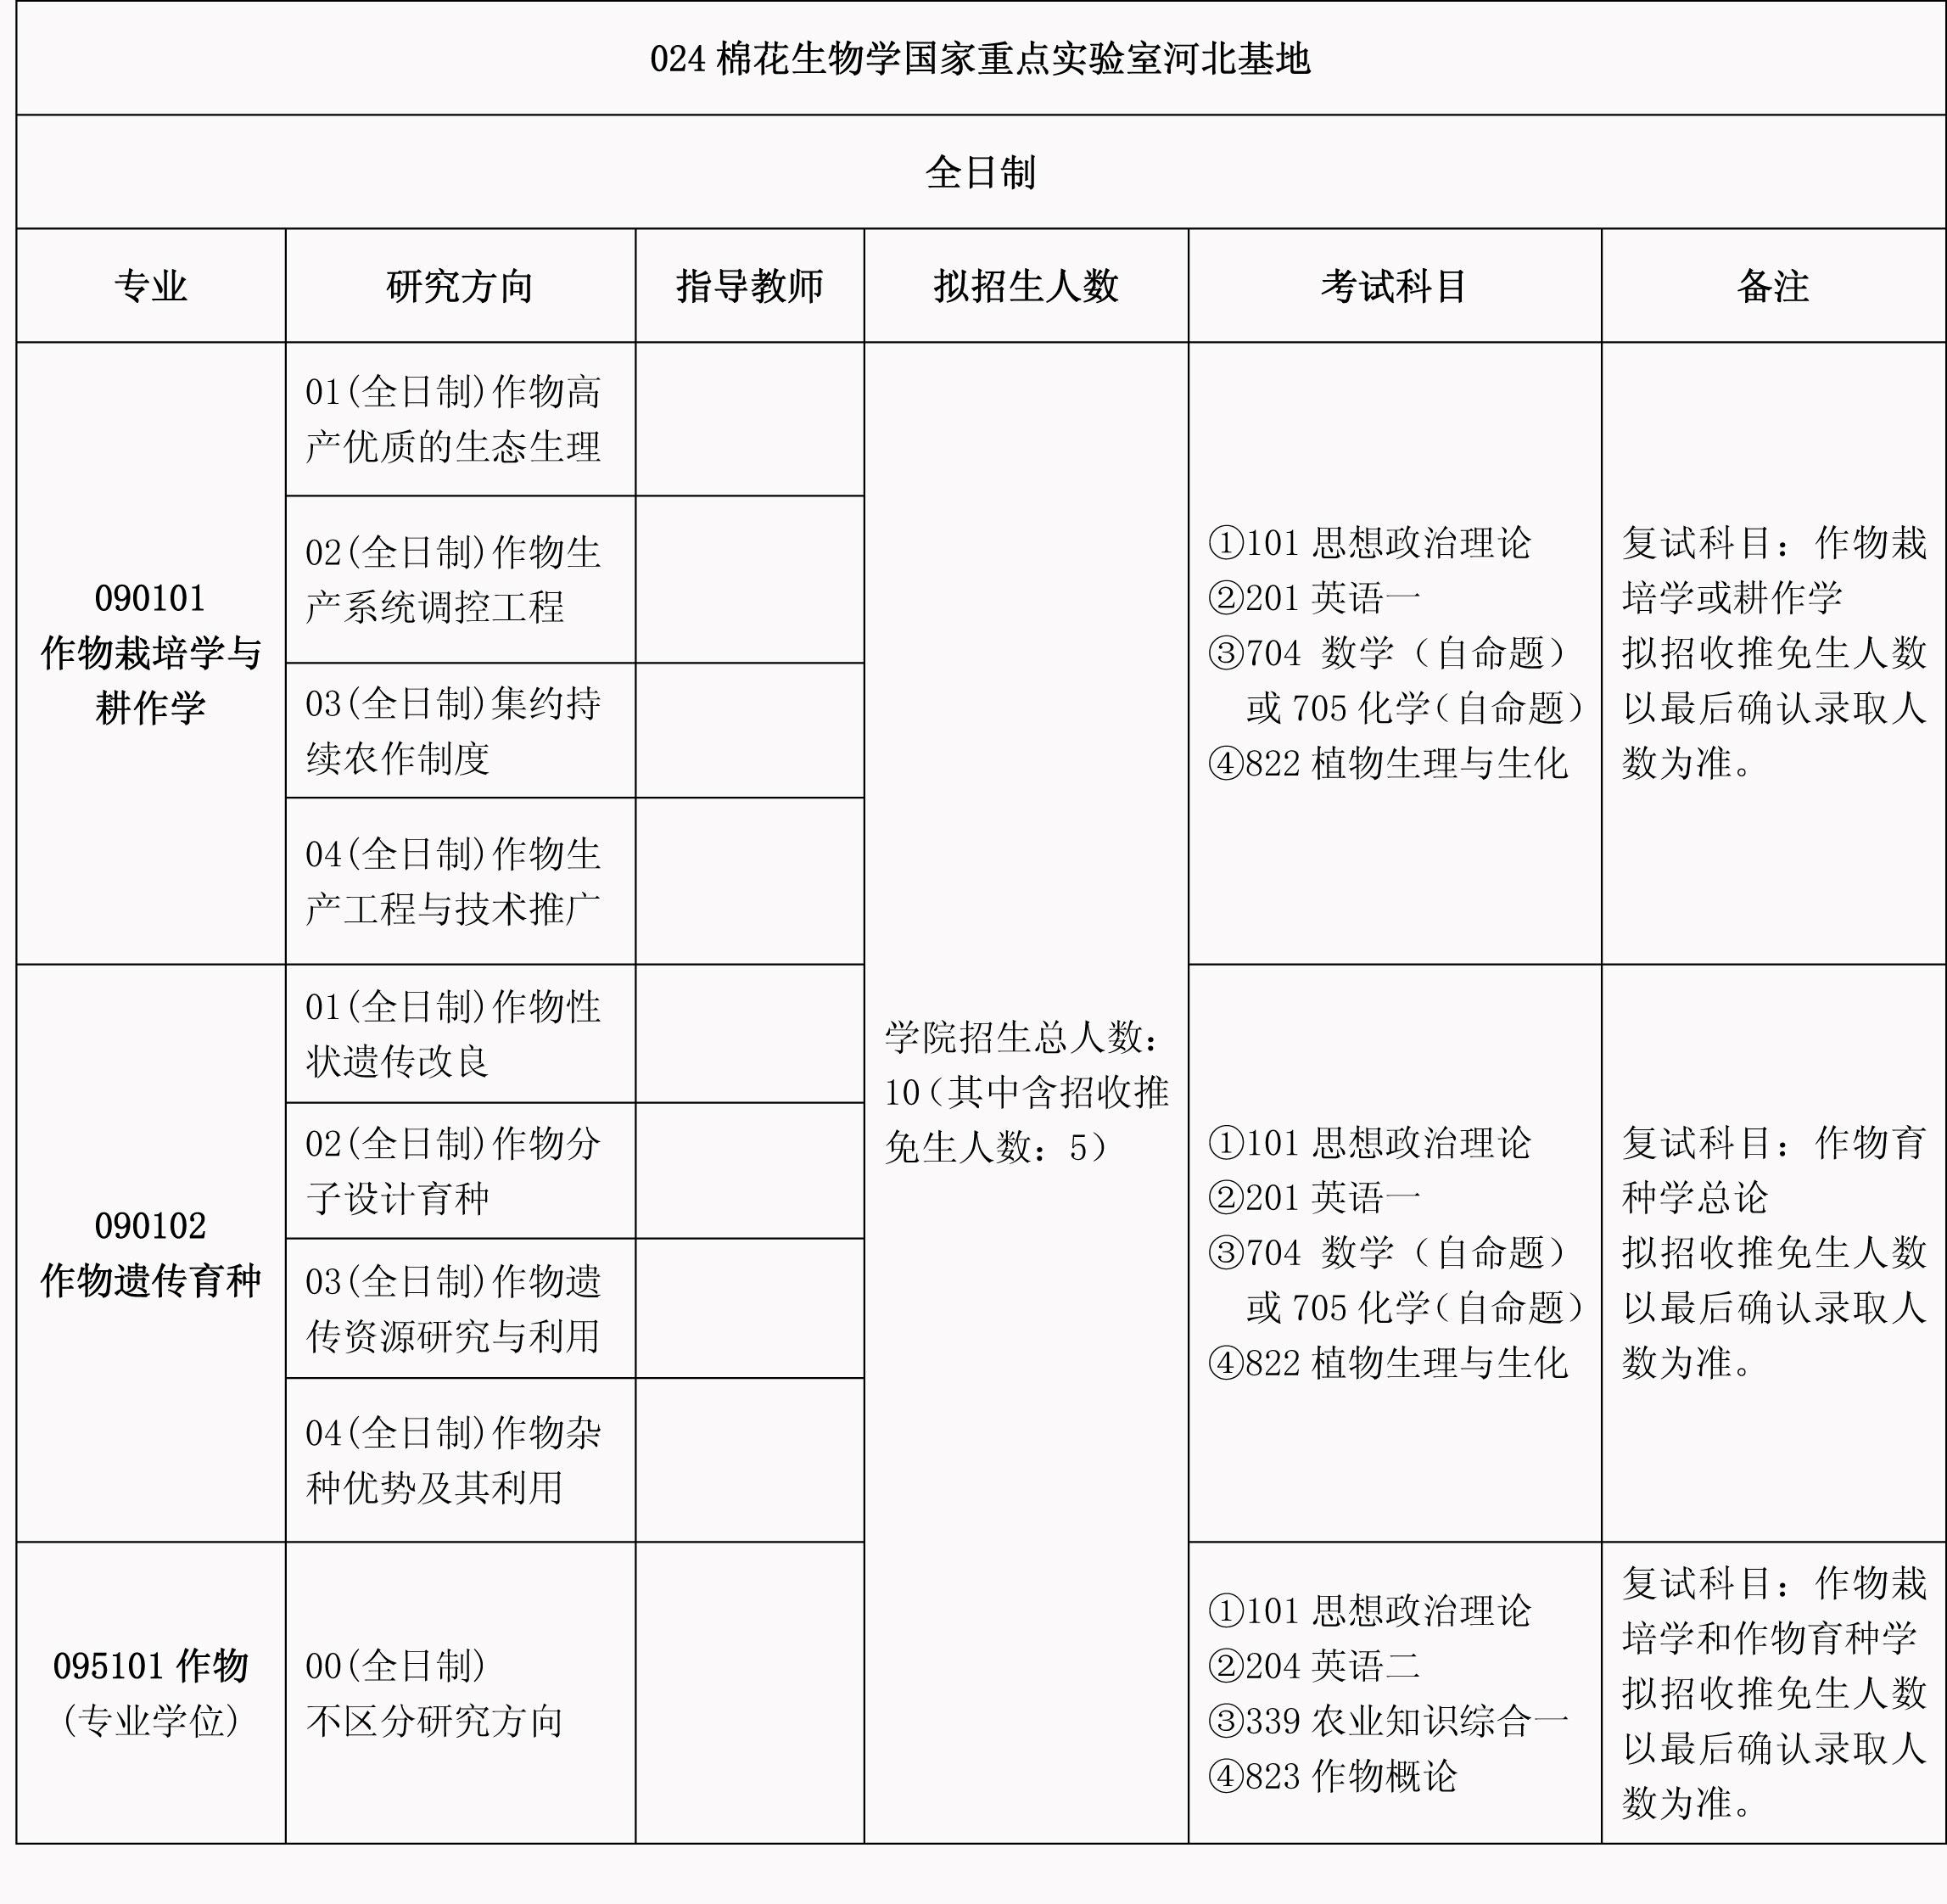 河北农业大学2017年棉花生物学国家重点实验室河北基地硕士研究生招生目录